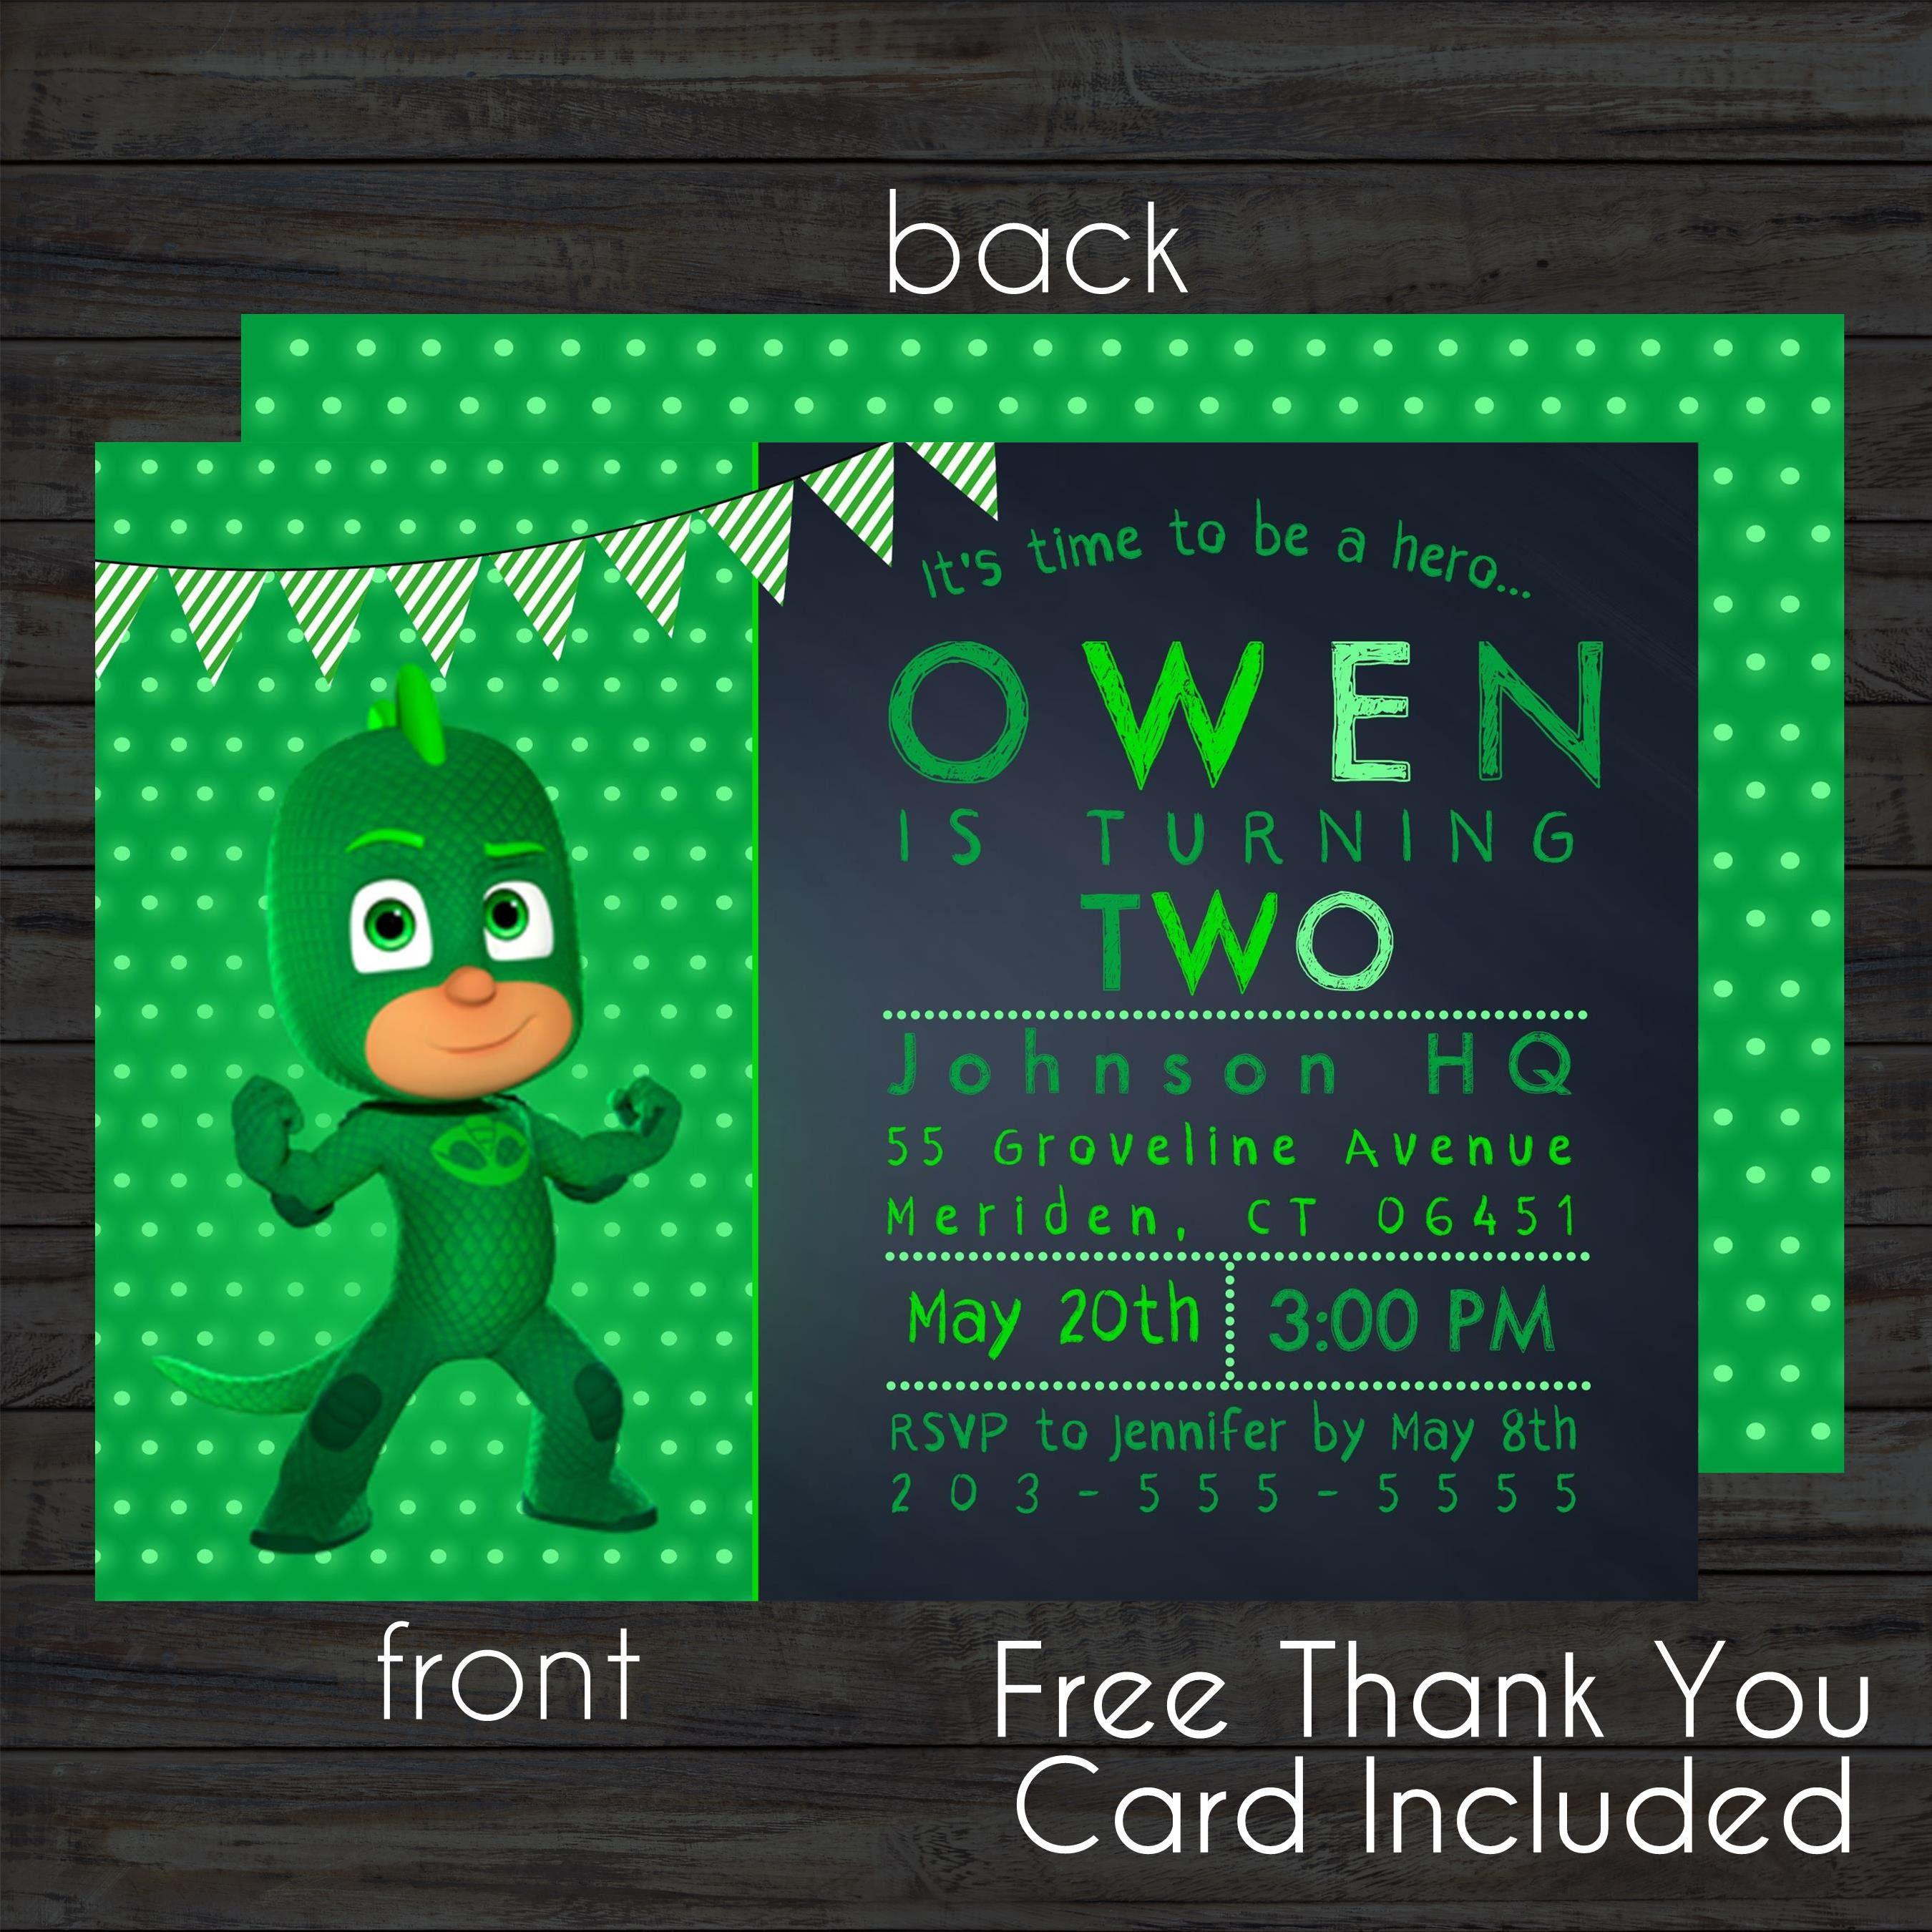 Zsonglor robot 5 labdaval 163 - Gekko Invitation Free Thank You Card File Pj Masks Invitation Pj Masks Birthday Pj Masks Party Pj Masks Invite Digital